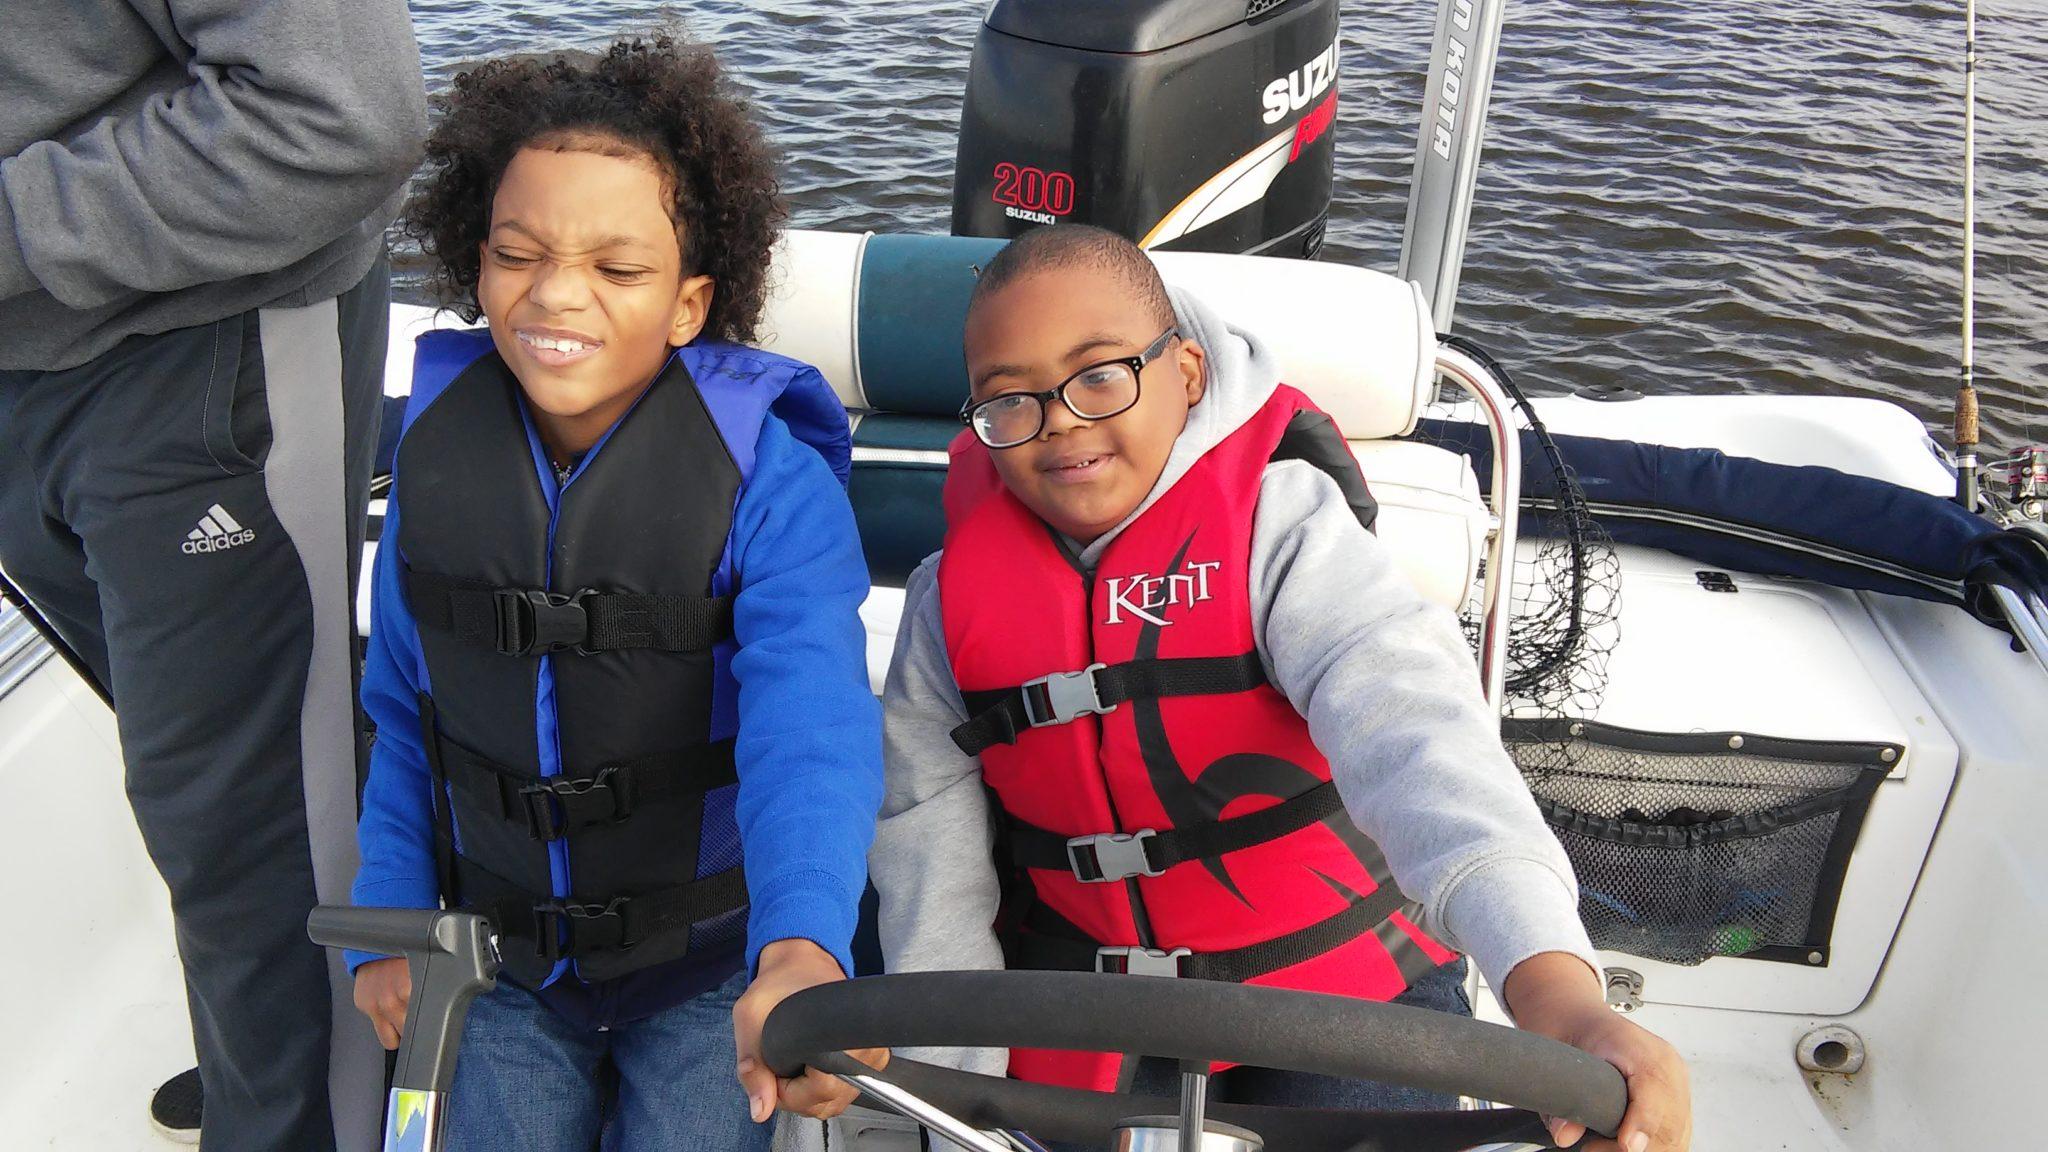 C.A.S.T. for Kids – Louisiana Delta (LA)